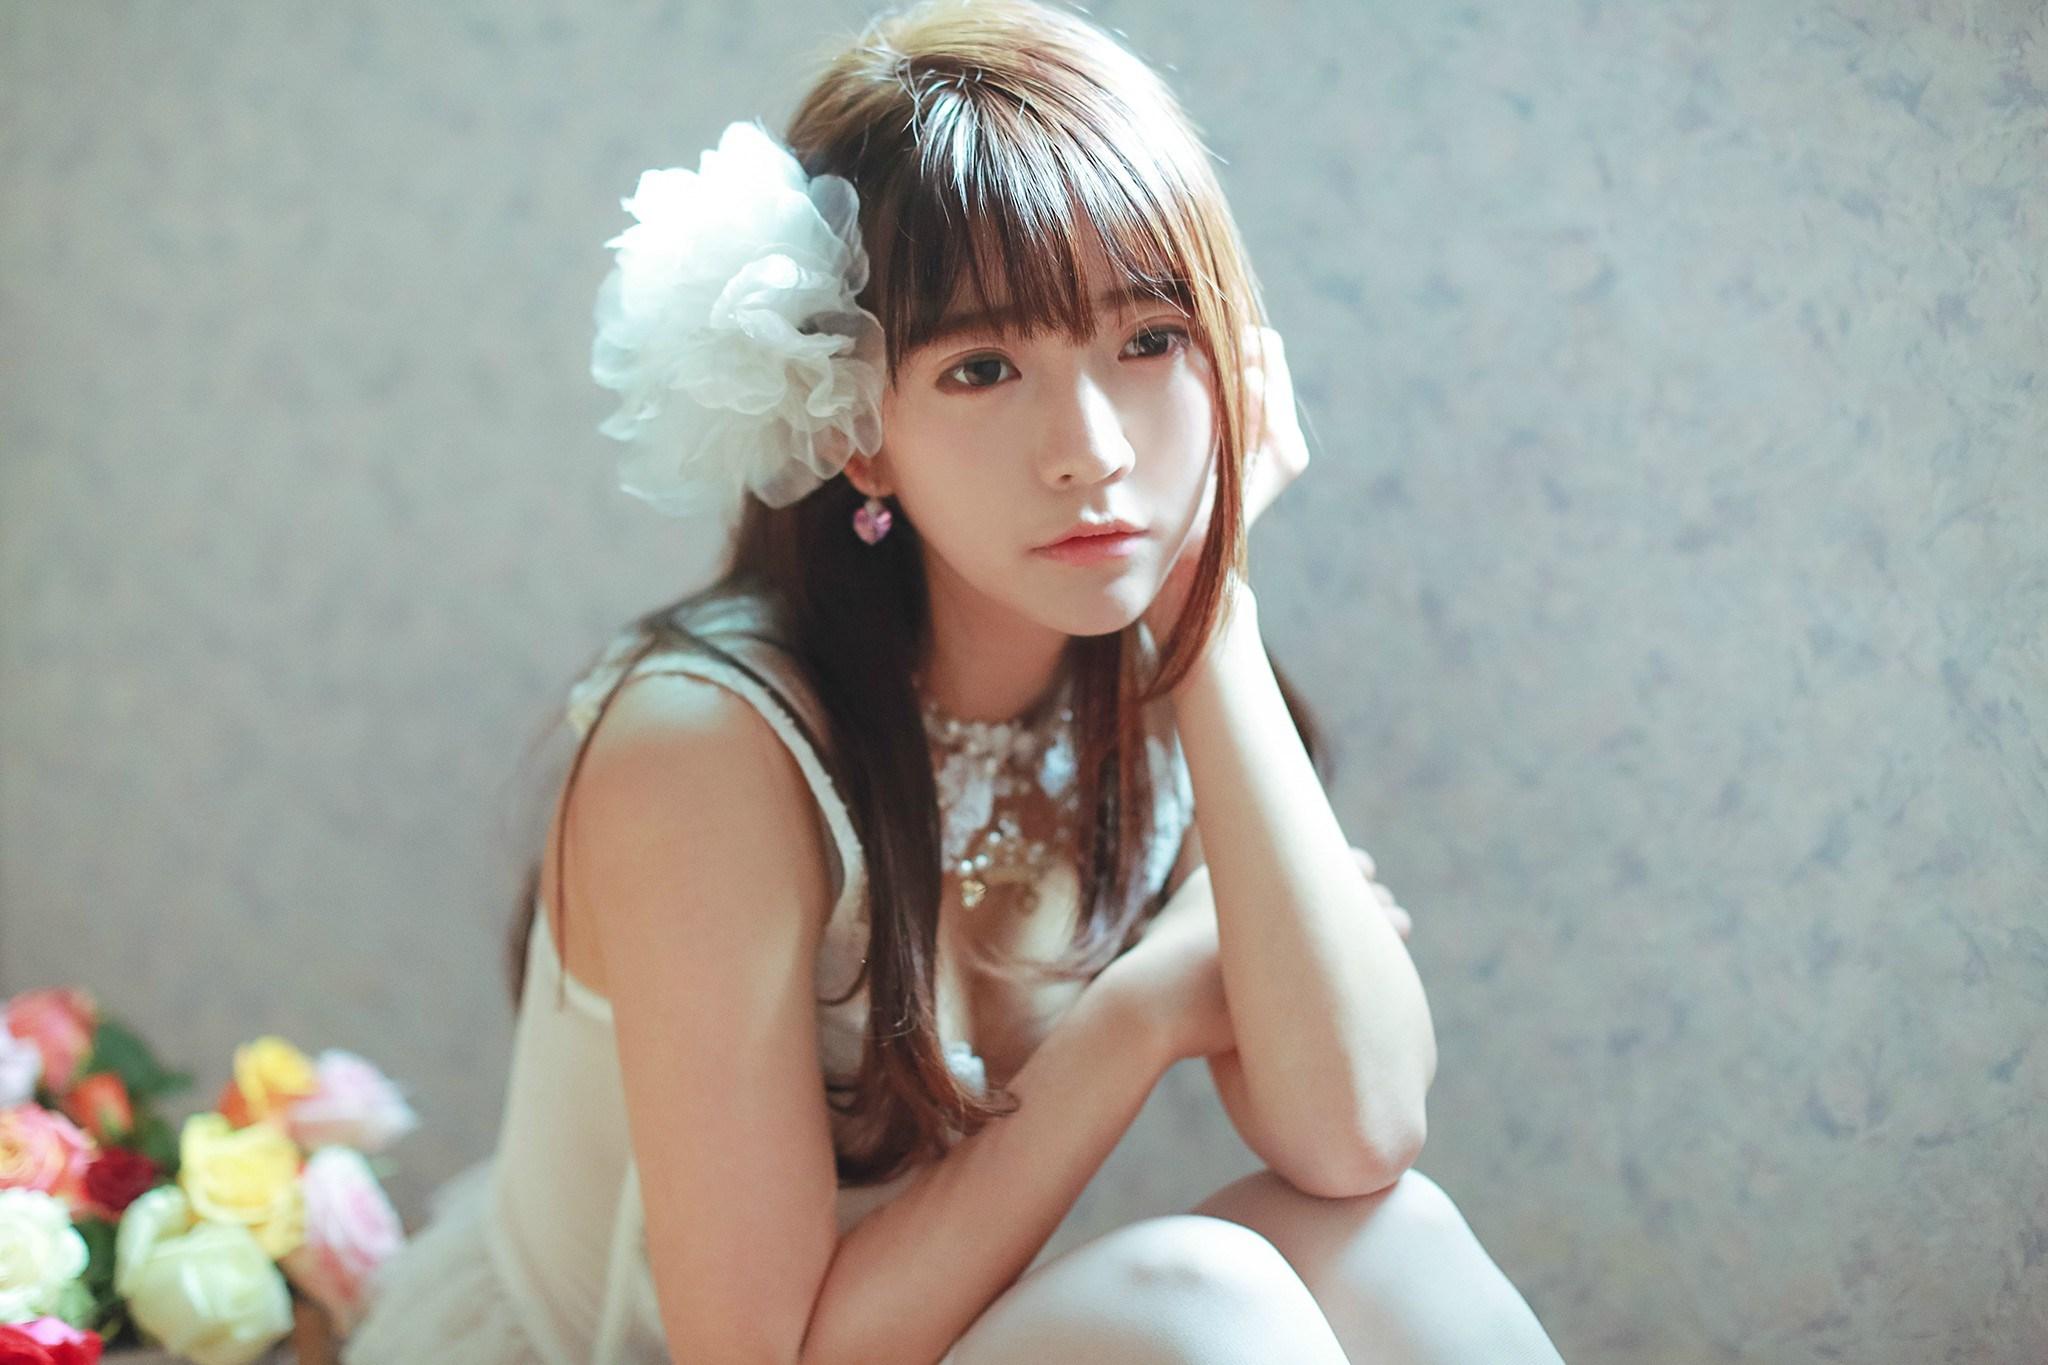 【兔玩映画】Yurisa 兔玩映画 第14张